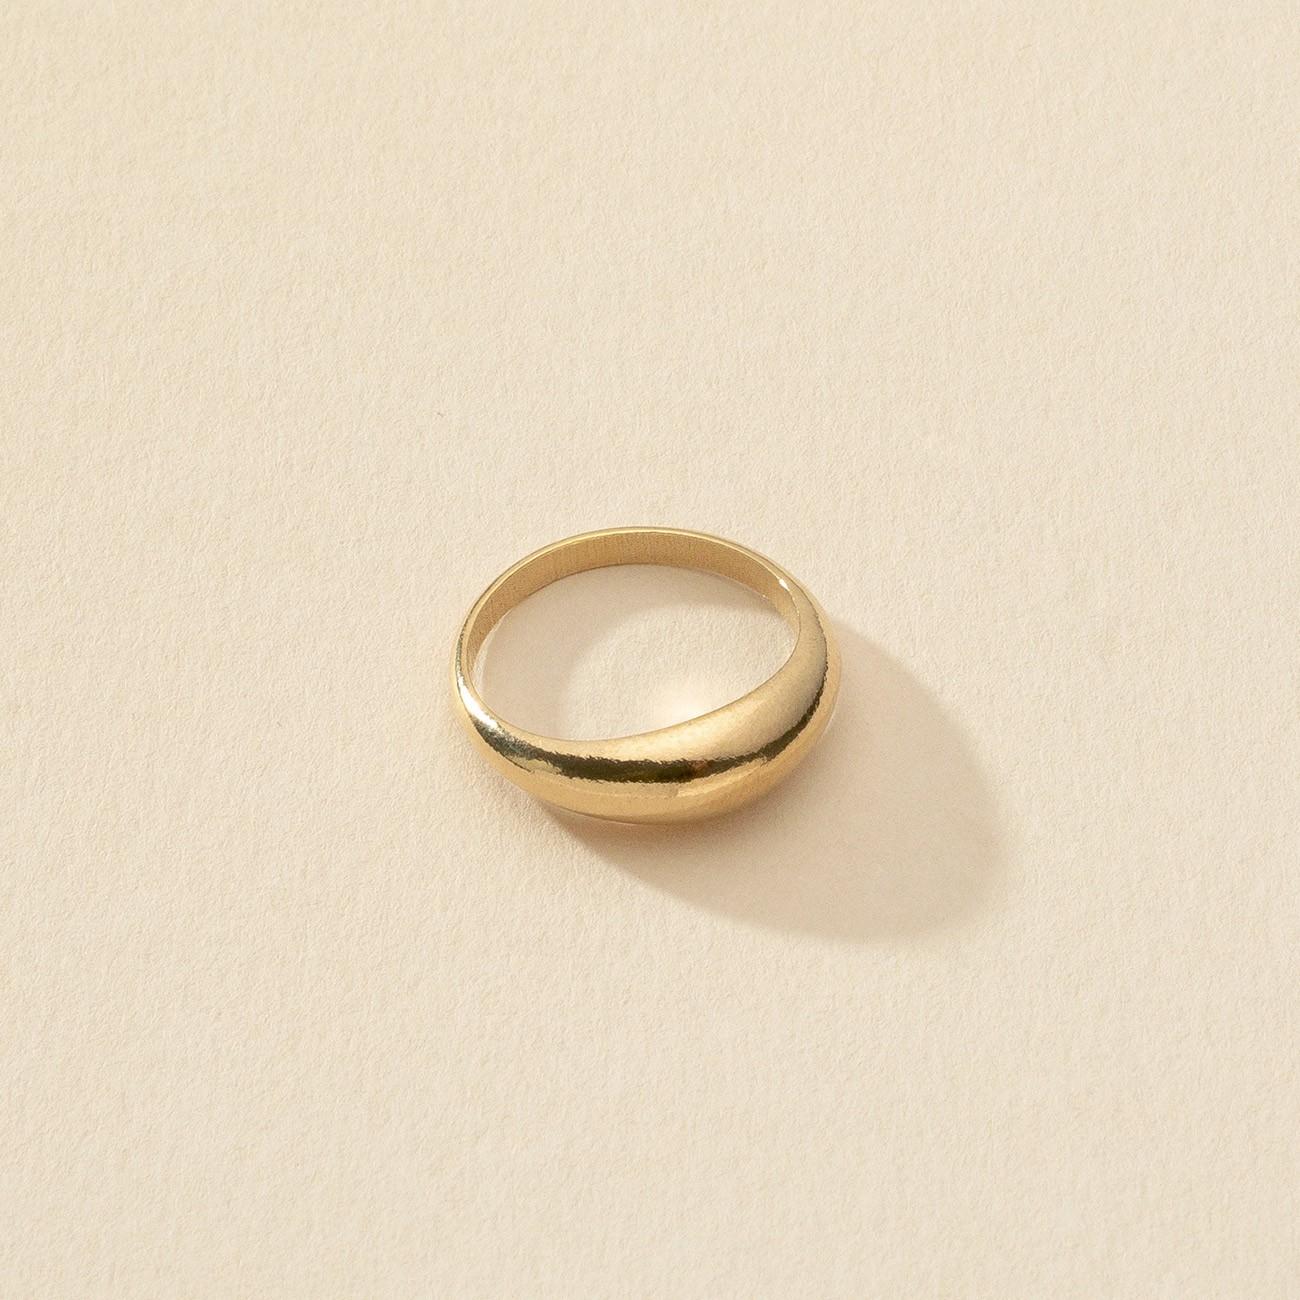 Delikatny owalny pierścień, srebro 925